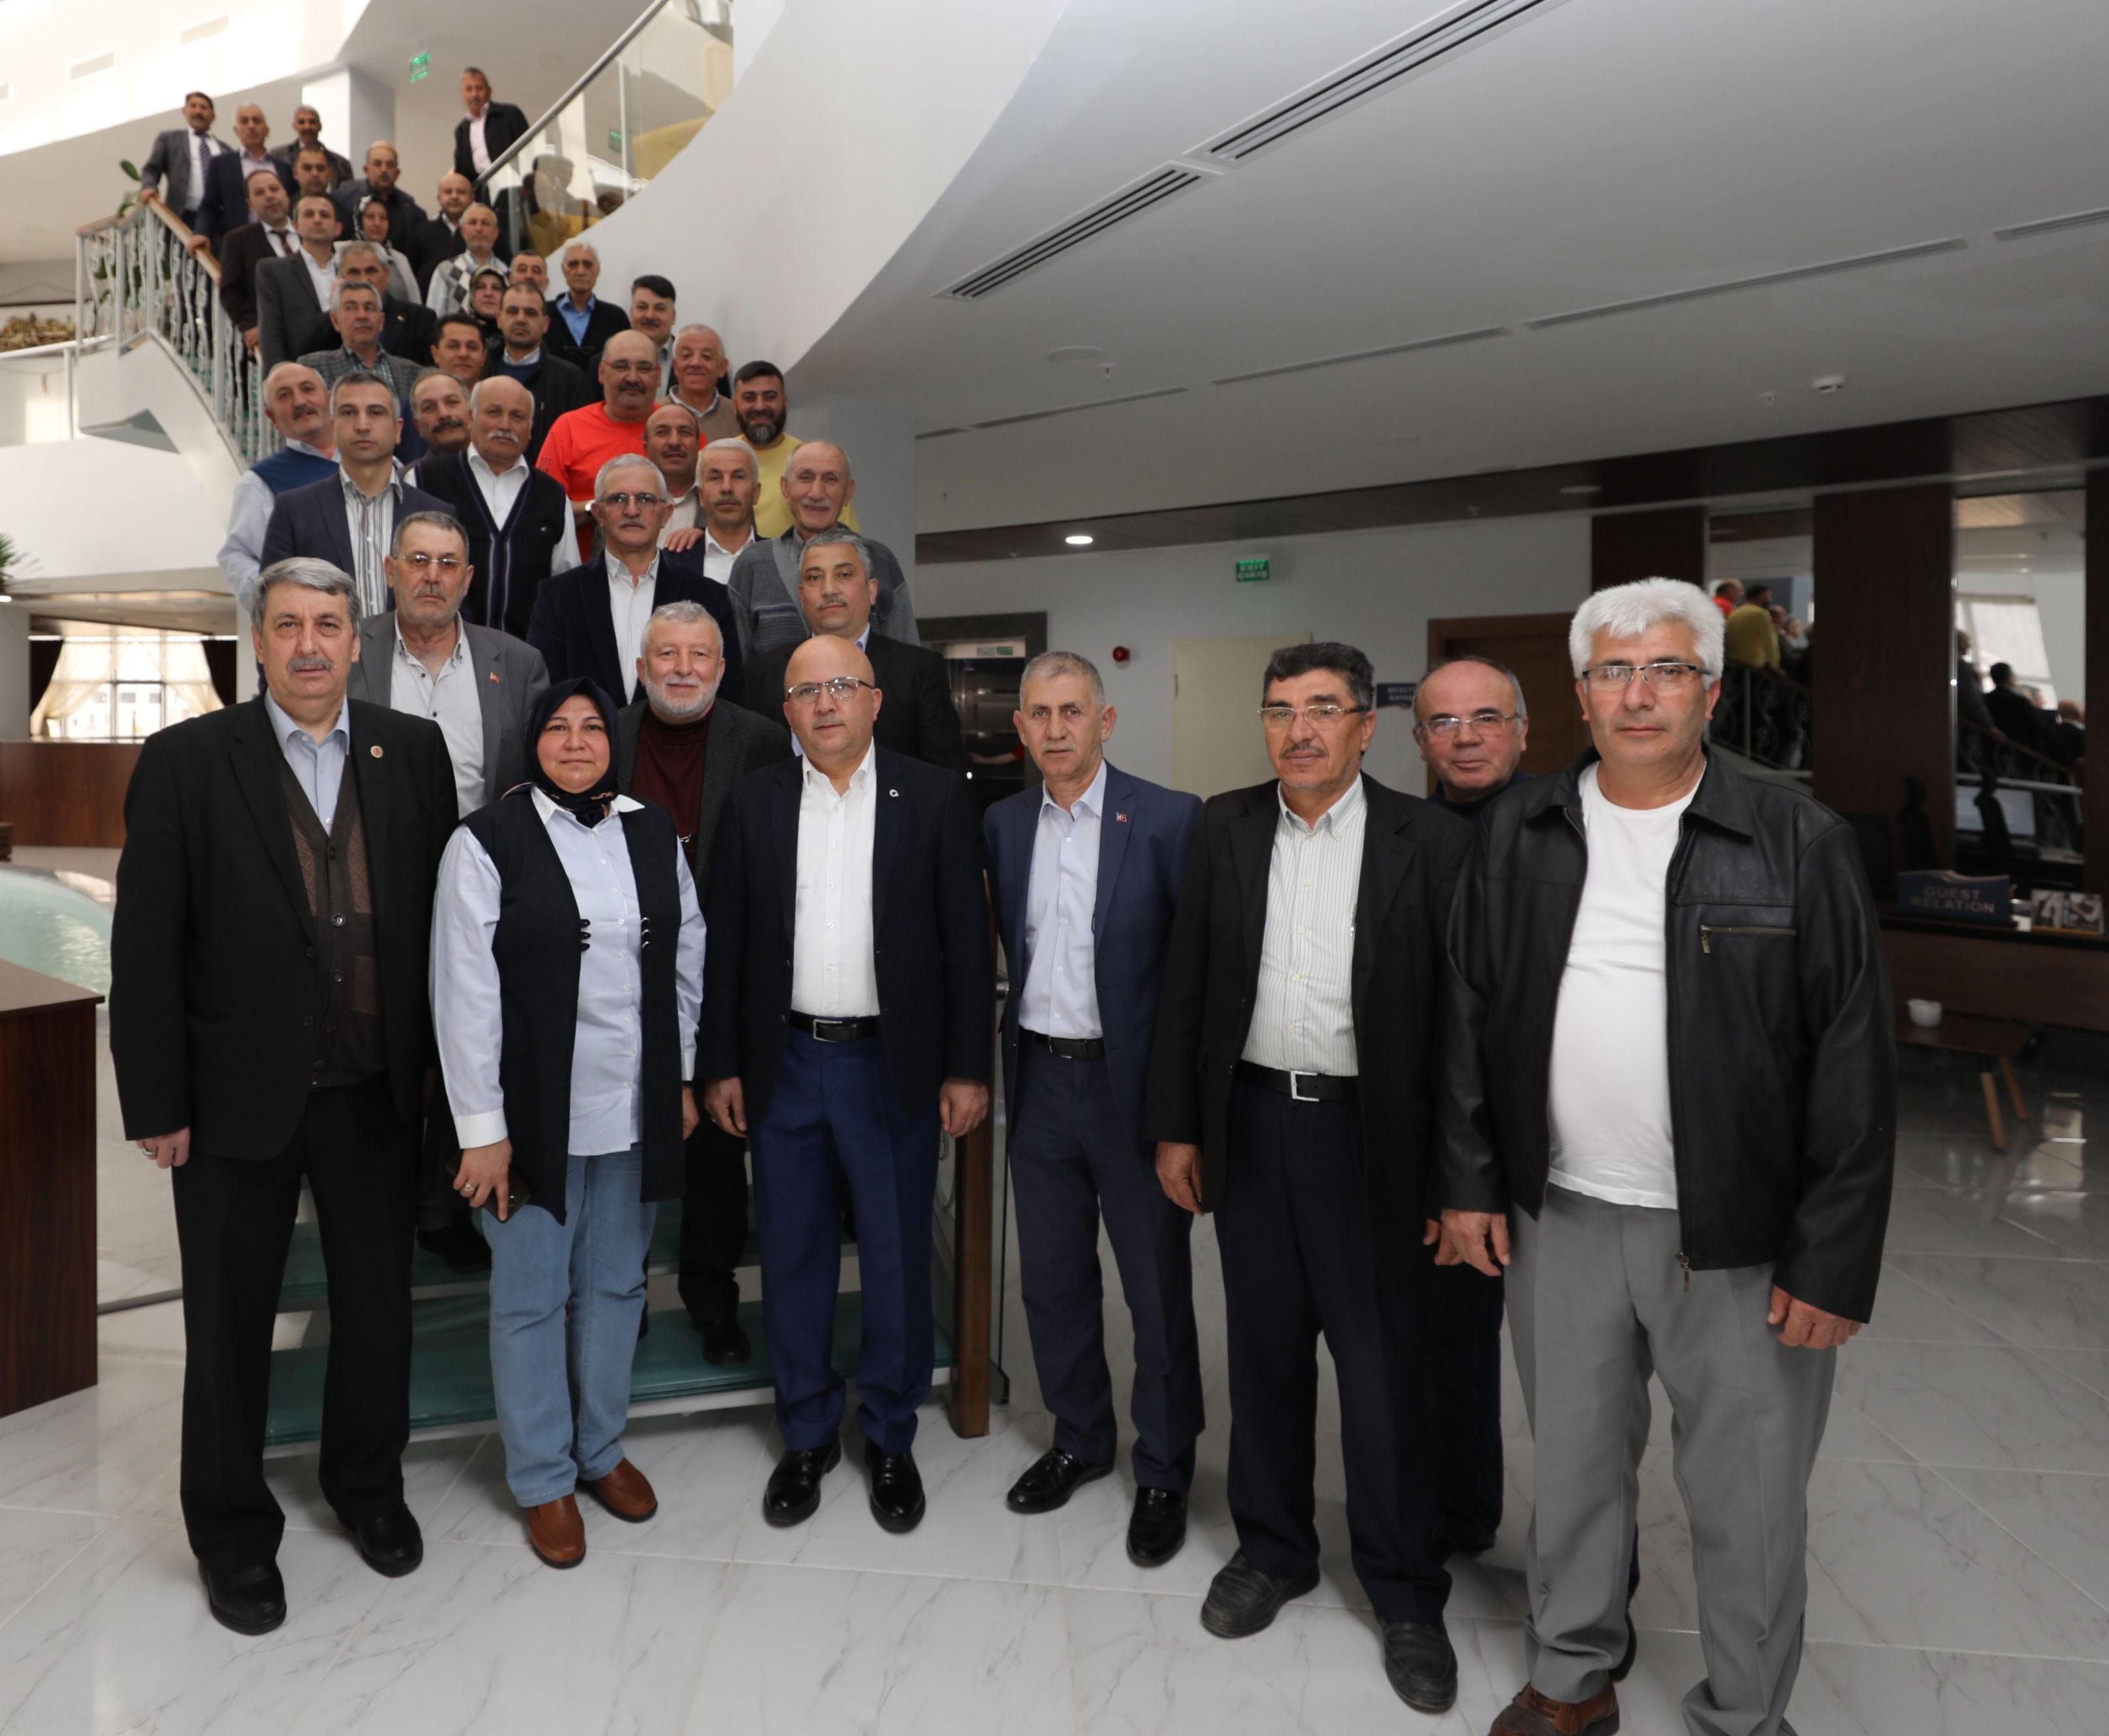 BAŞKAN ÇOBAN MAHALLE MUHTARLARI İLE BİR ARAYA GELDİ